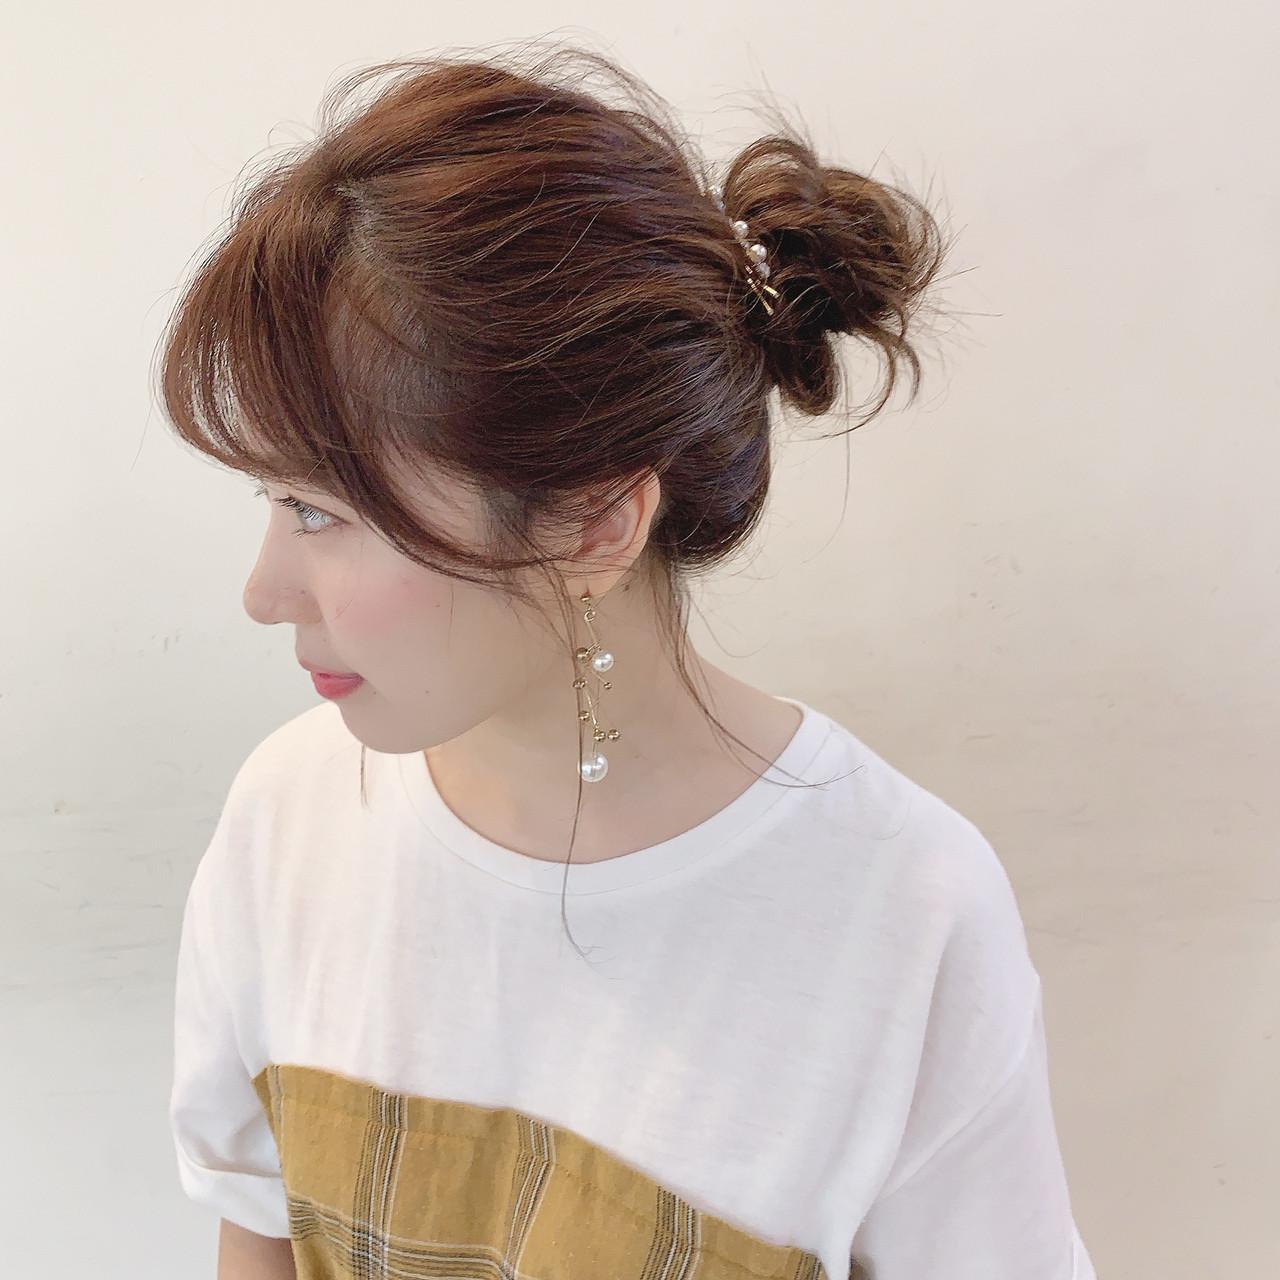 セルフヘアアレンジ ミディアム ナチュラル お団子ヘア ヘアスタイルや髪型の写真・画像